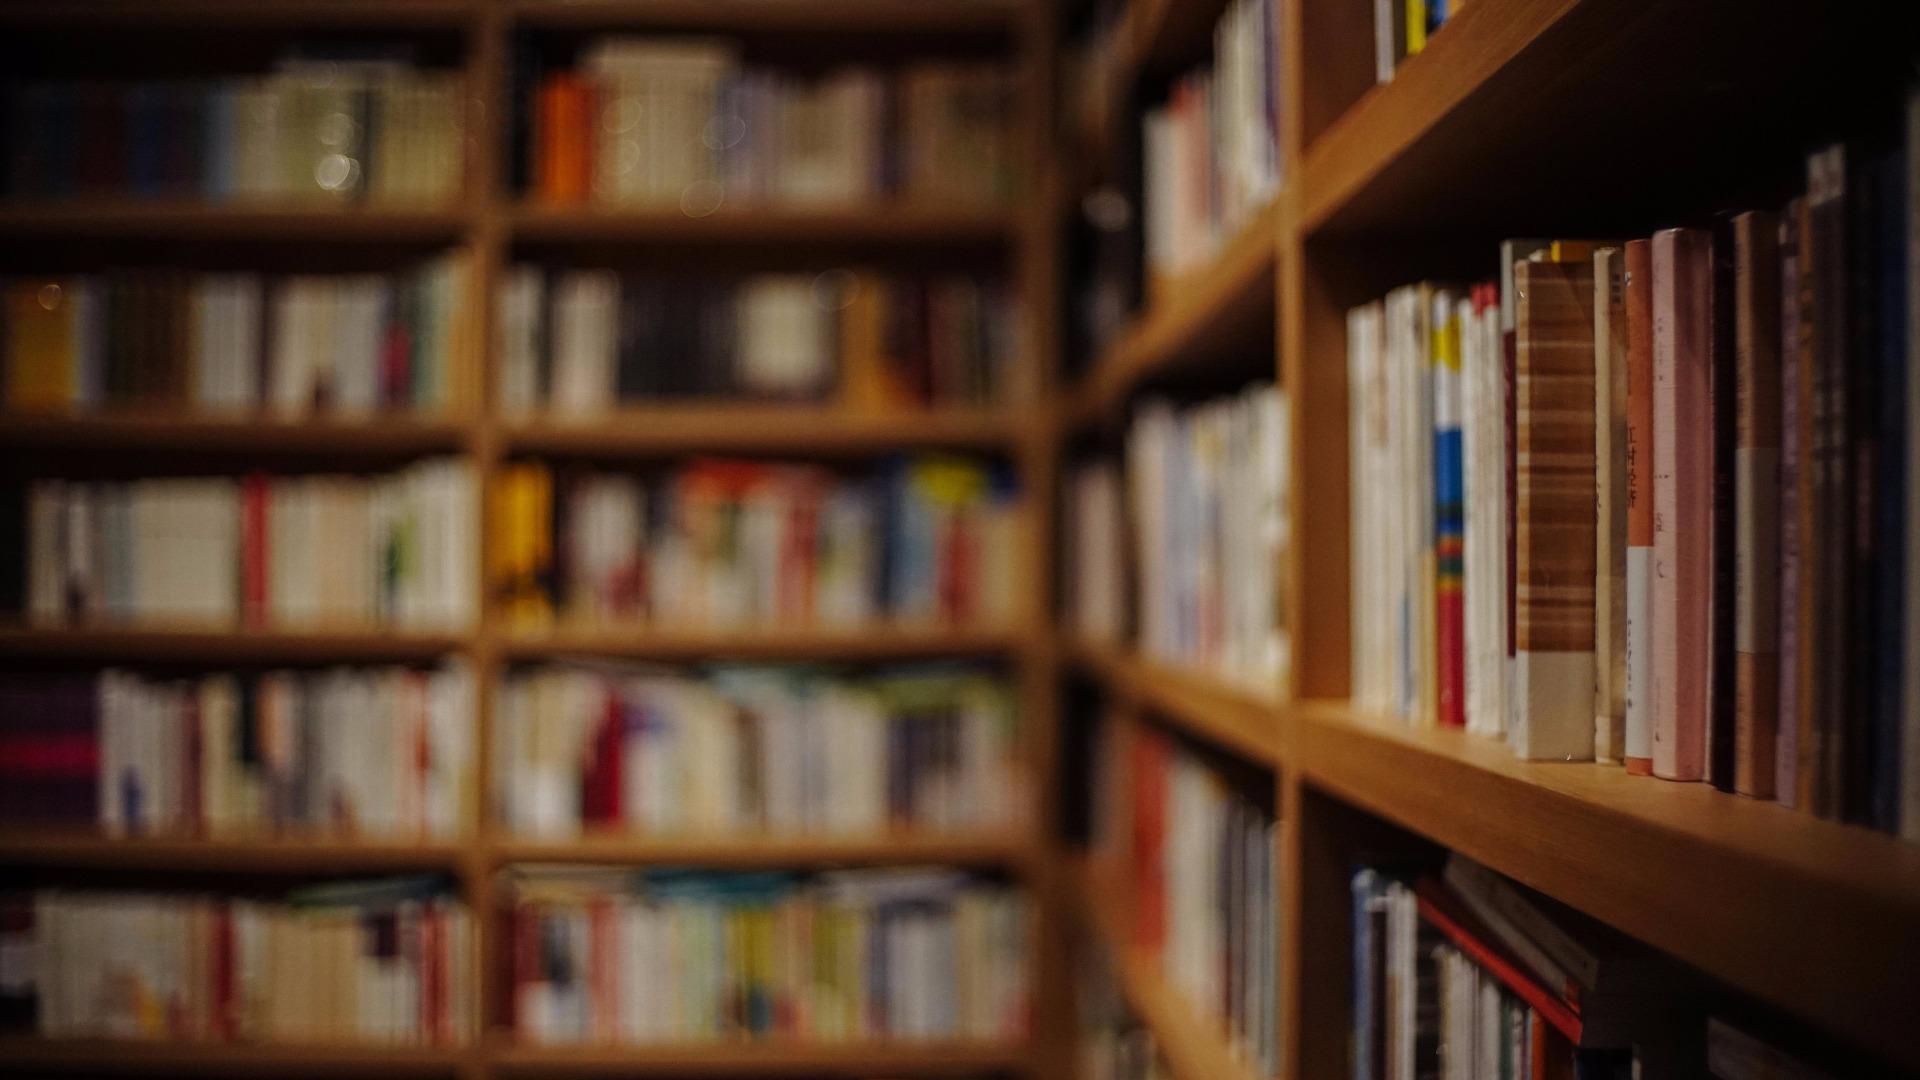 写小说_电子书资源上哪找?读书方法又是什么? - 知乎